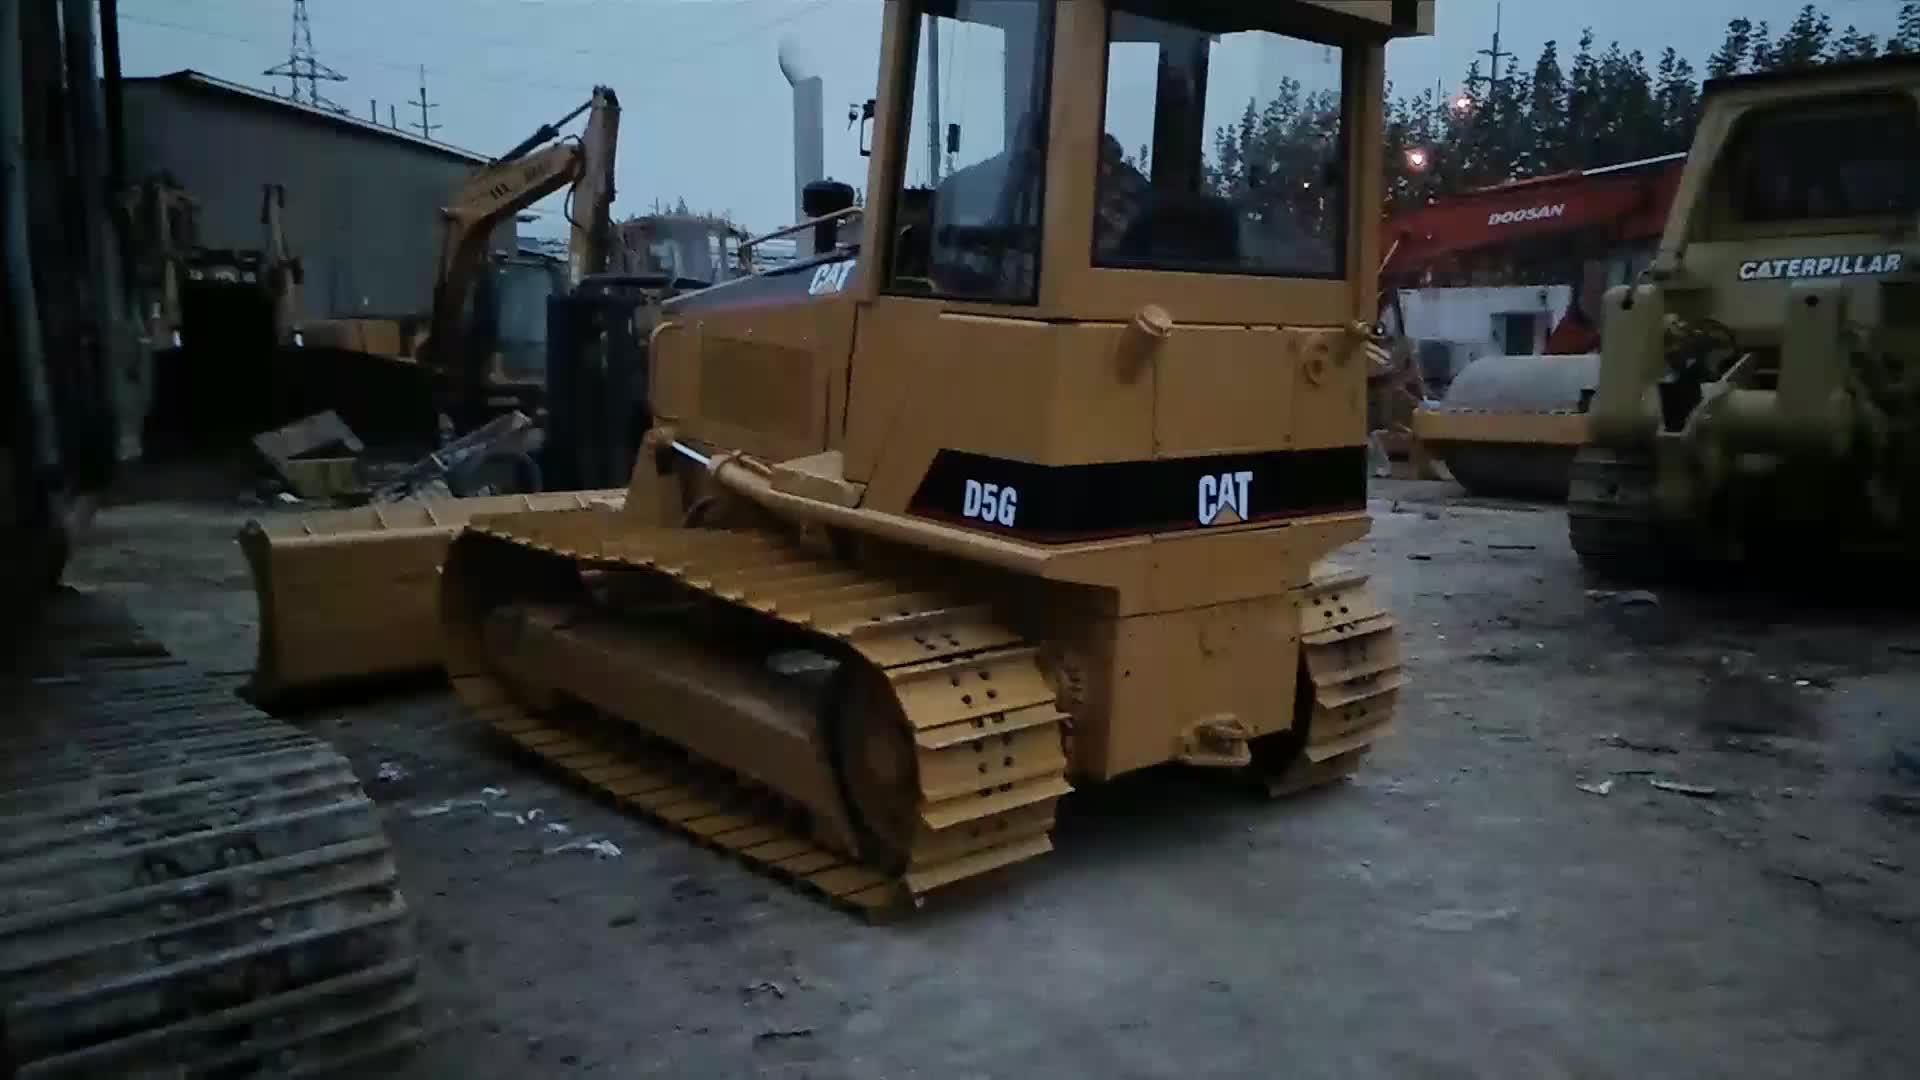 ใช้ Bulldozer D5G แมว Dozer สำหรับขายในสภาพดี